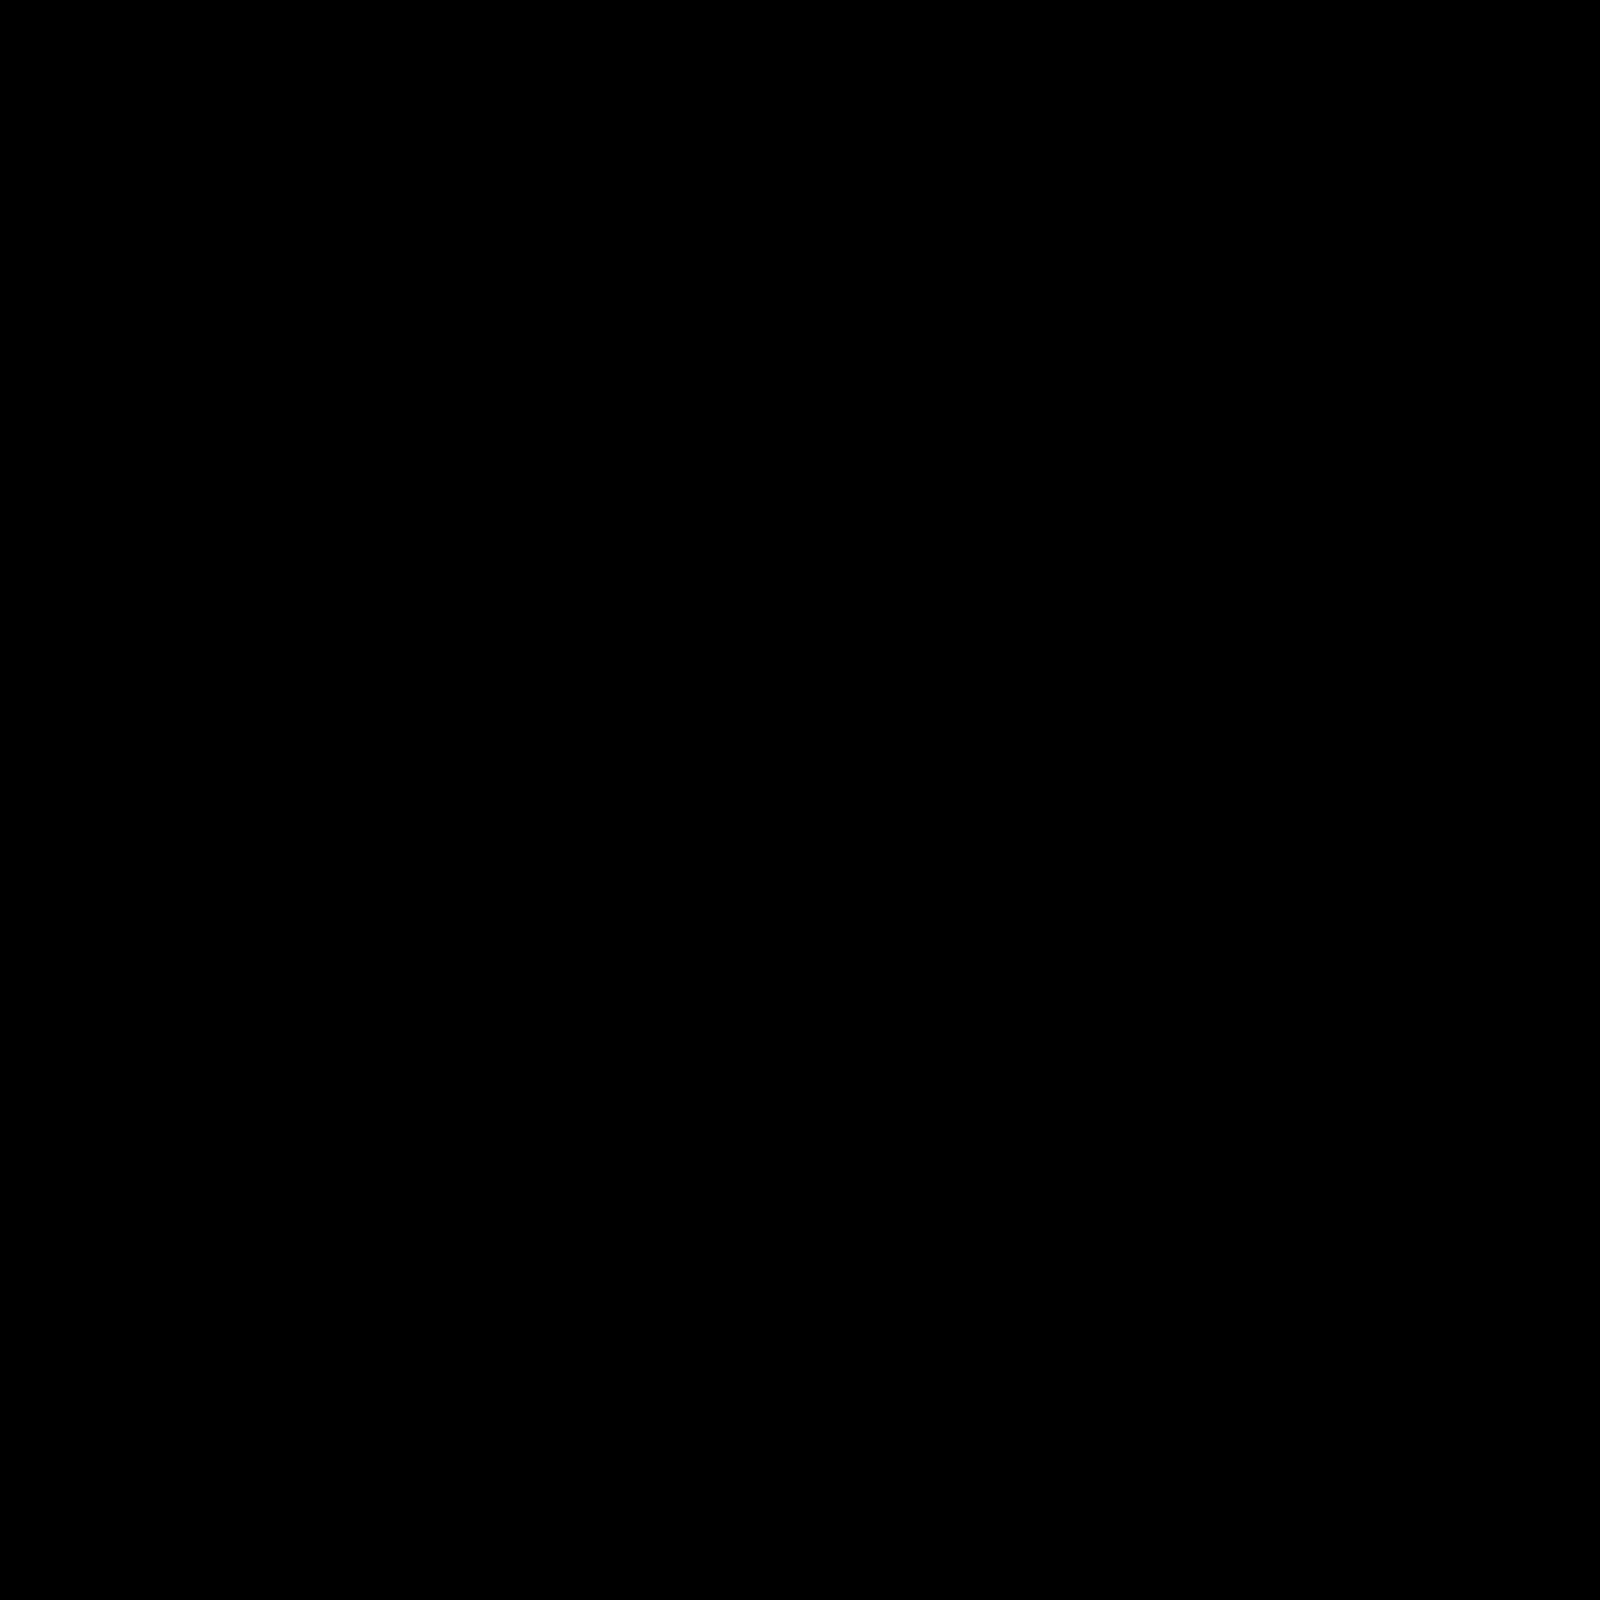 8 Bit Vector